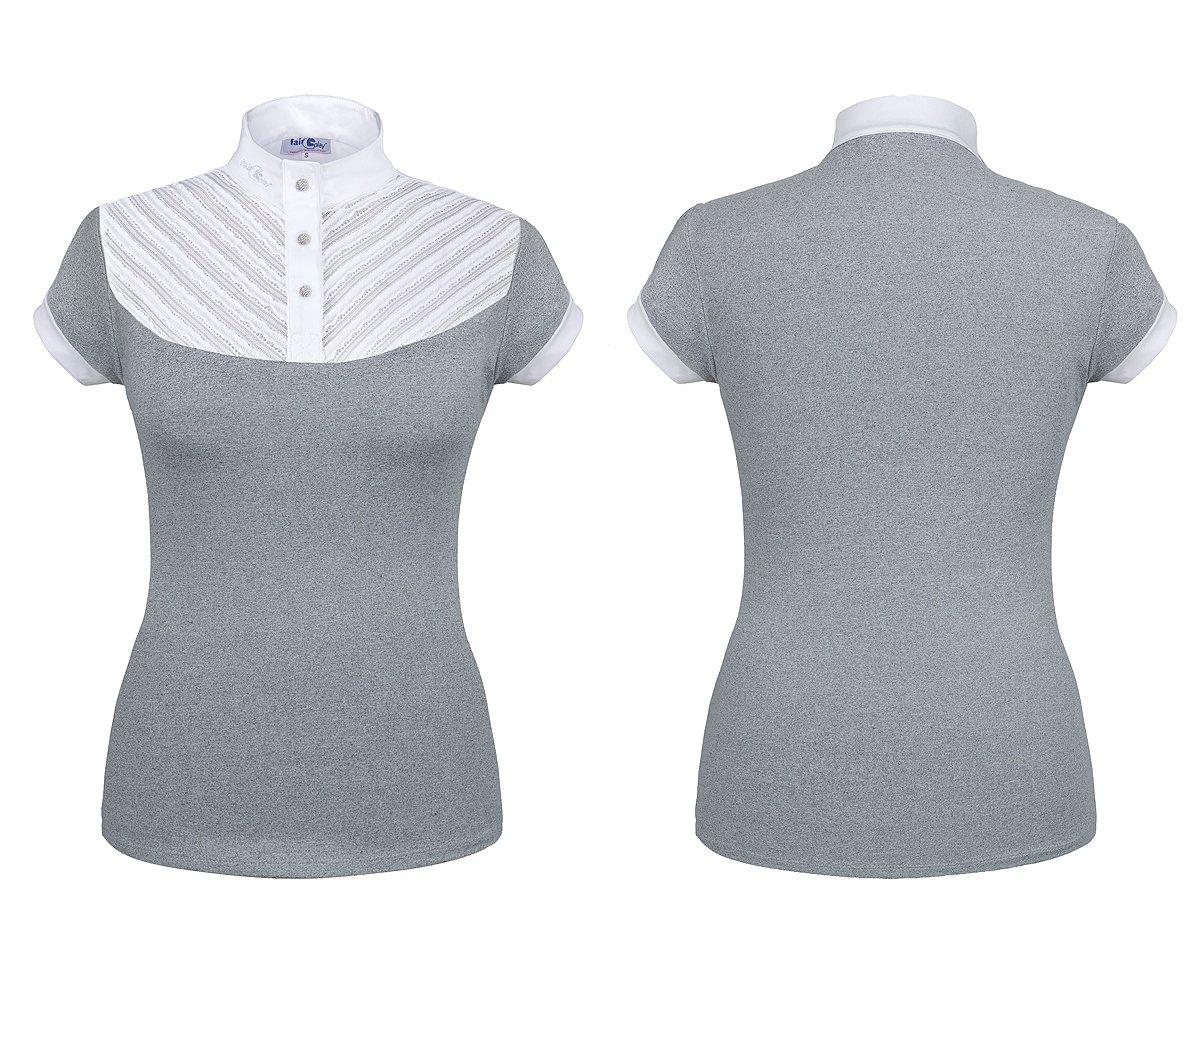 6c8819161972e3 Koszula konkursowa HELEN - FAIR PLAY - szary/biały